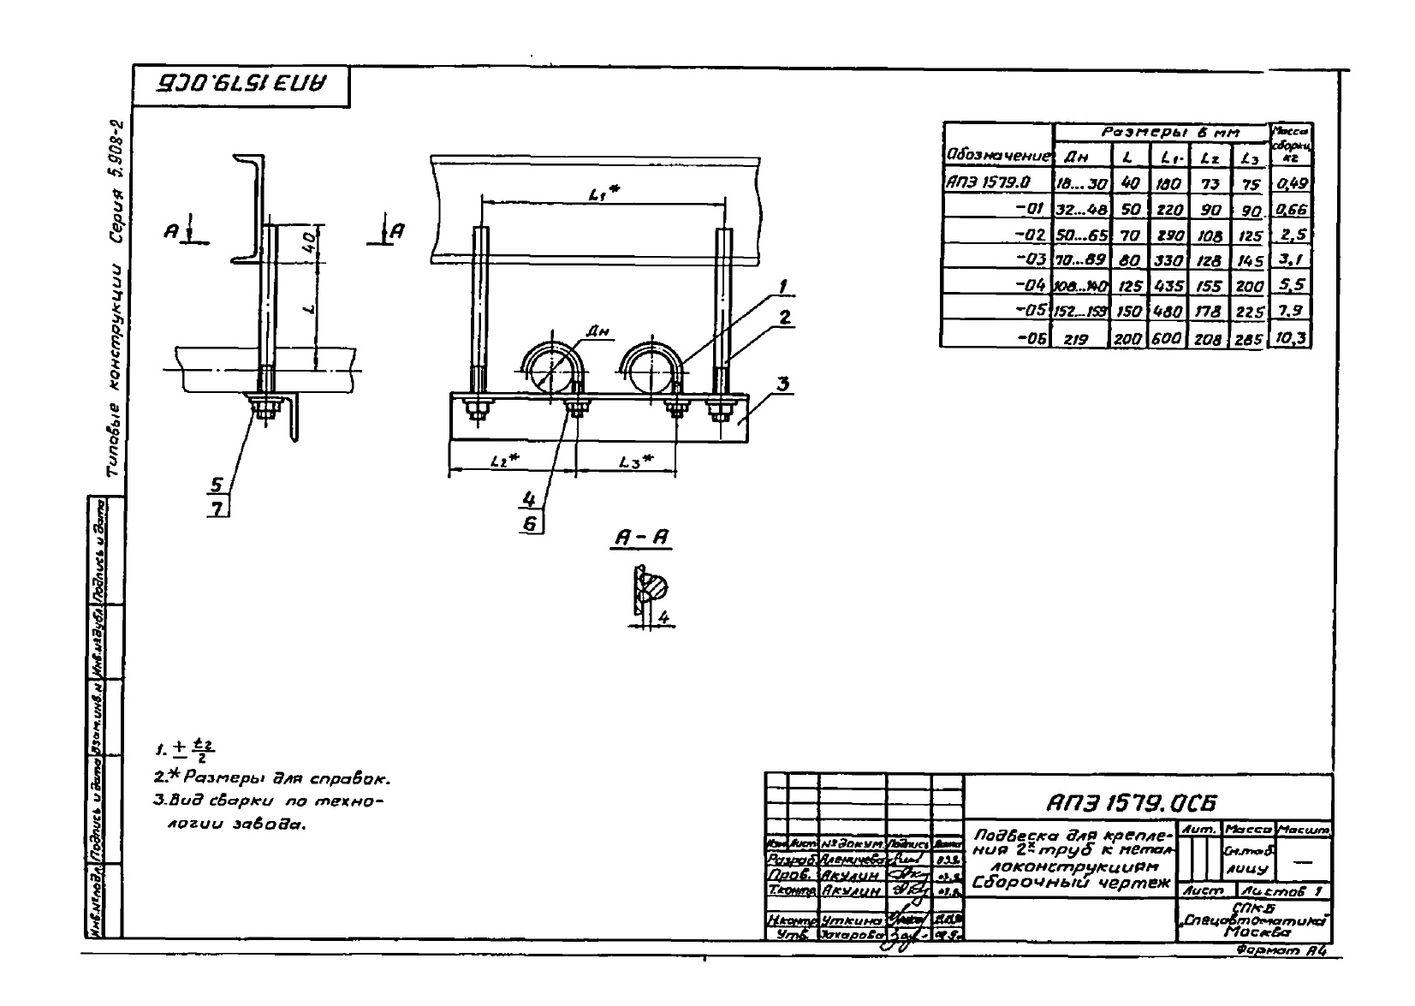 Подвеска АПЭ 1579.0 серия 5.908-2 стр.1